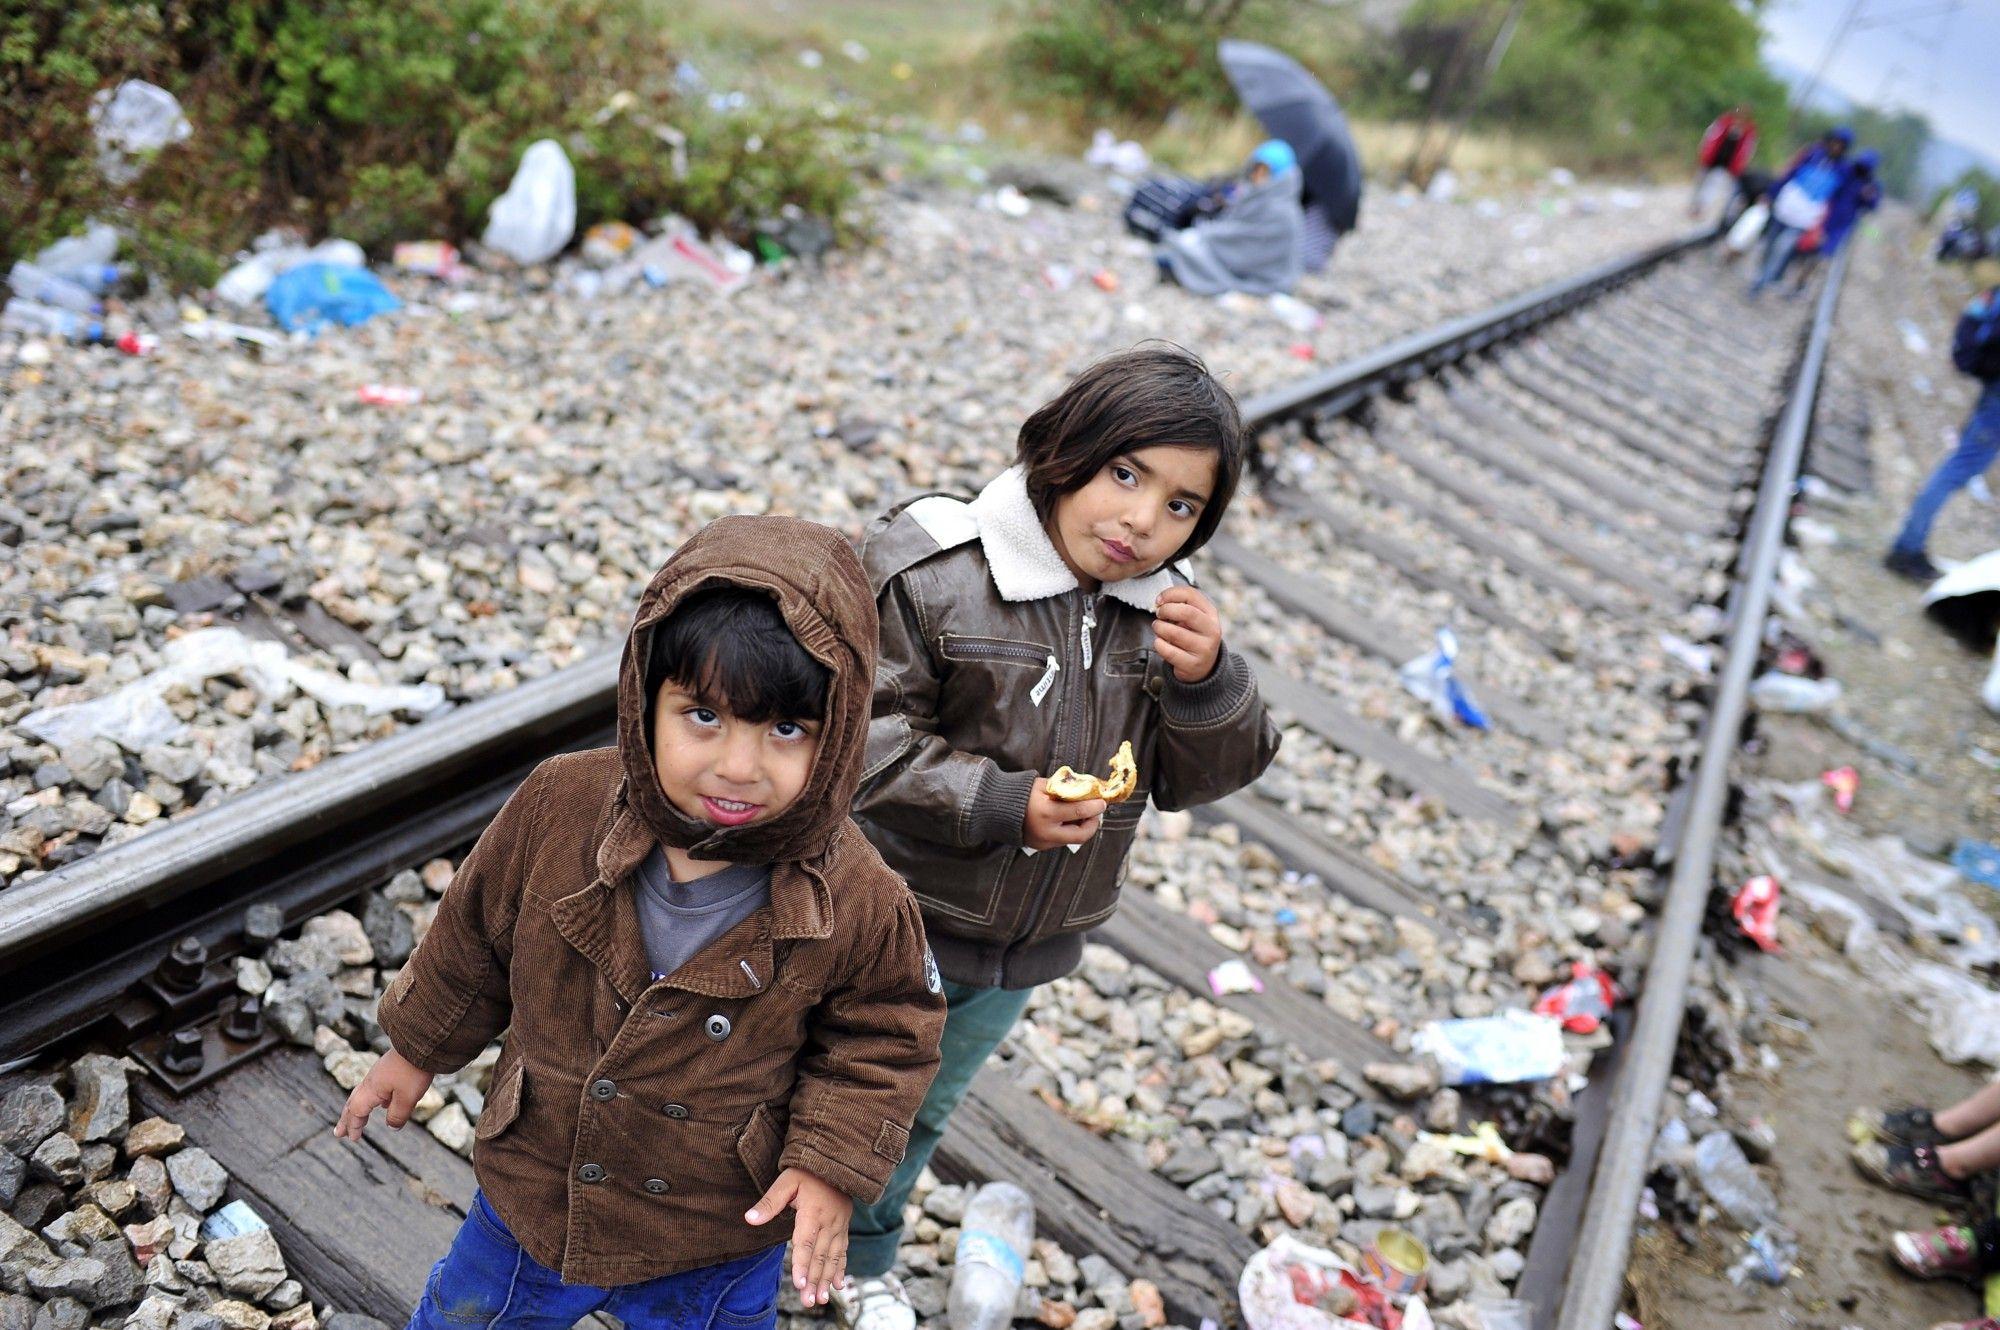 Crianças da crise dos refugiados em 2015. Foto: UNICEF.